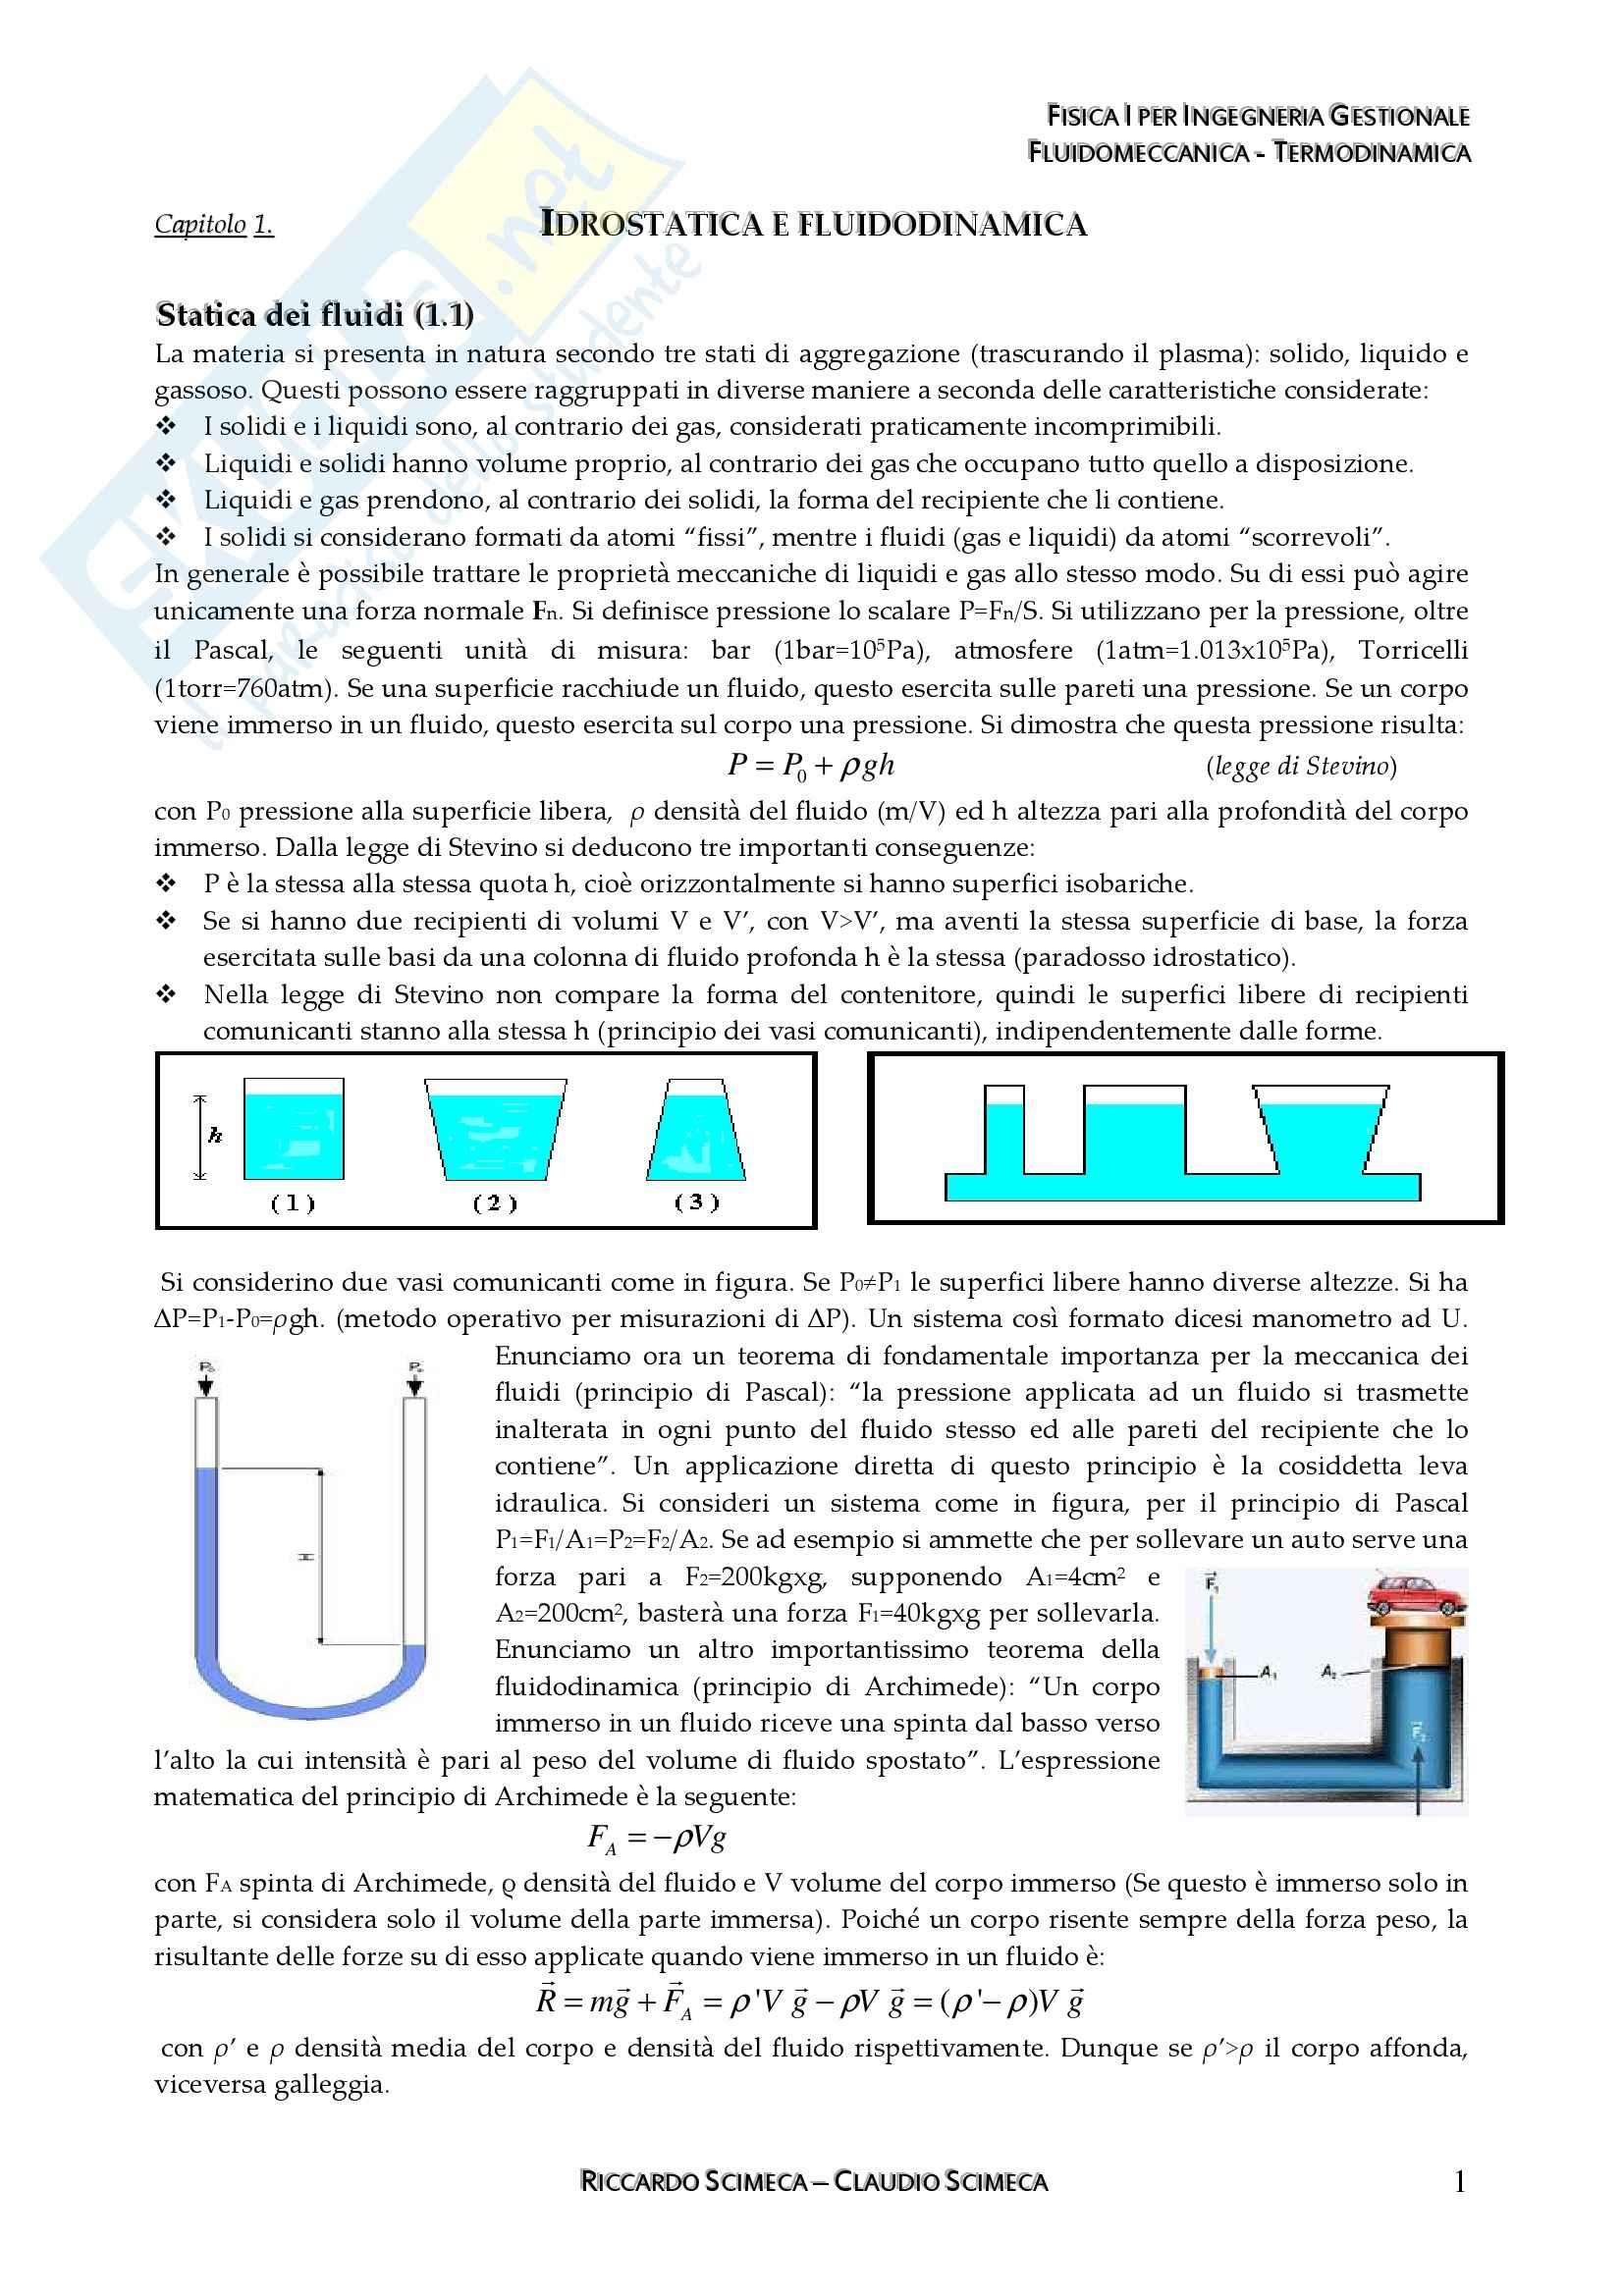 Fisica I - fluidomeccanica e termodinamica